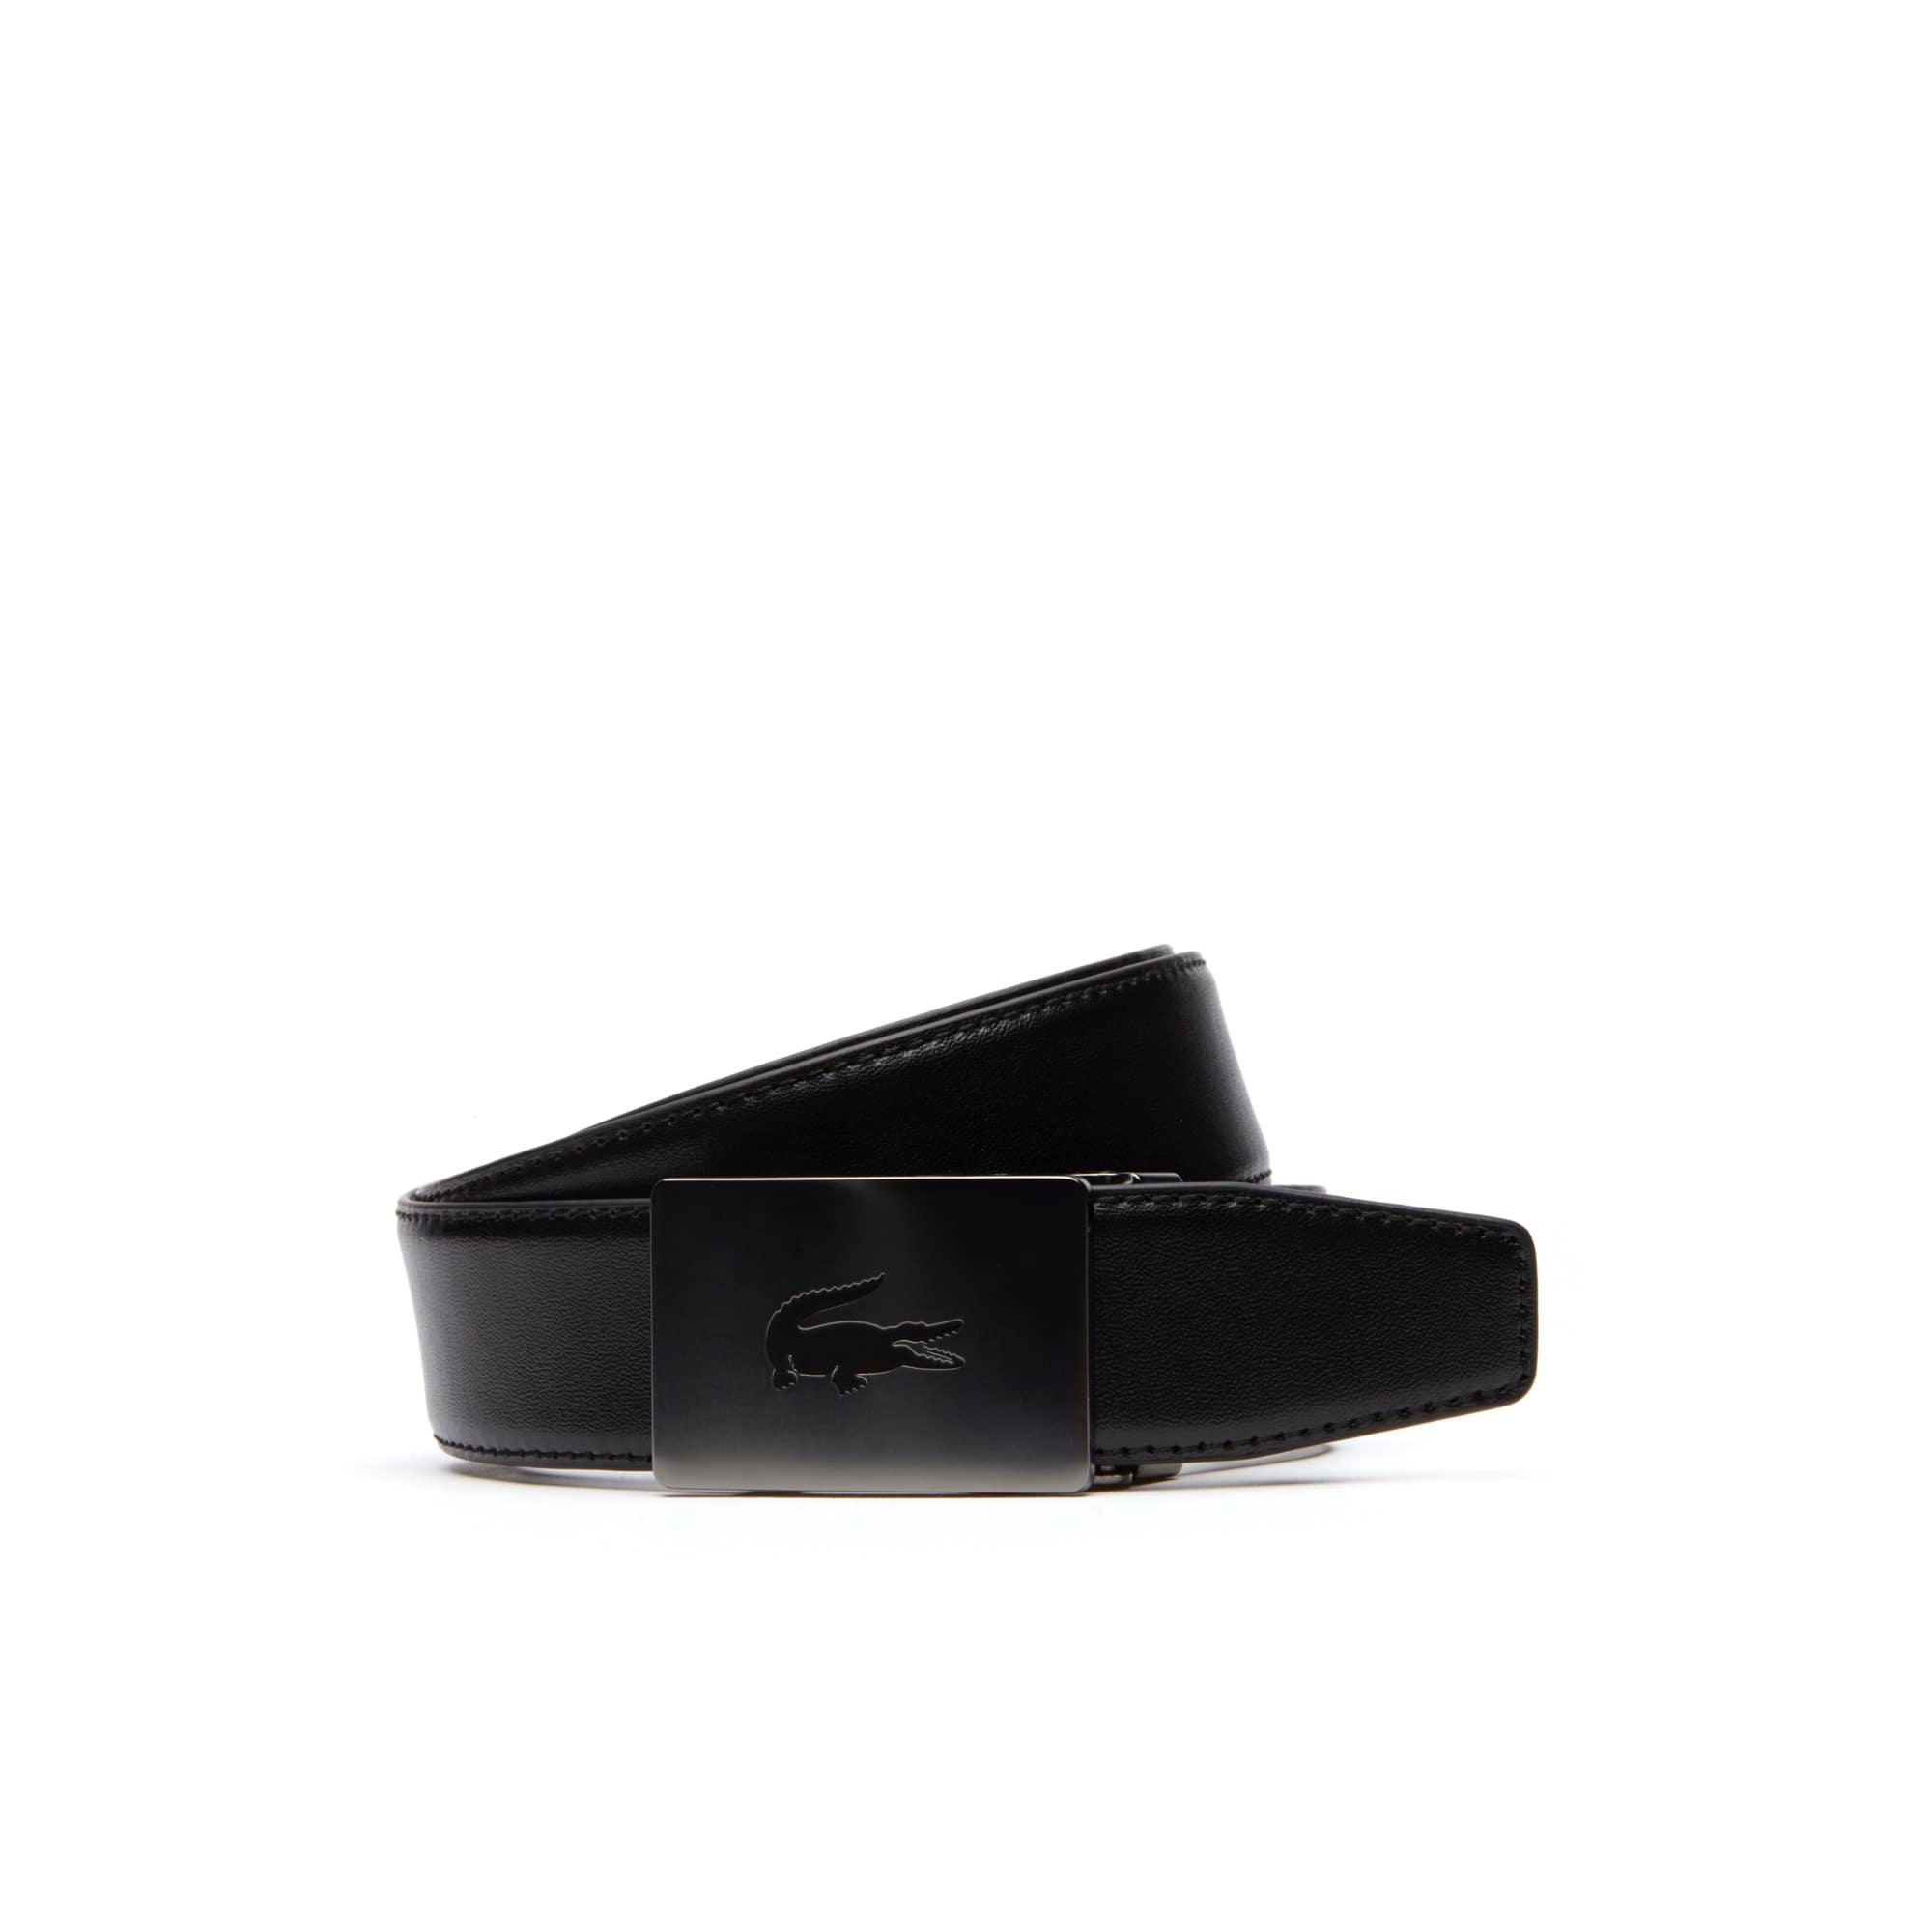 Cintura elastica in pelle con fibbia a placca autobloccante da uomo